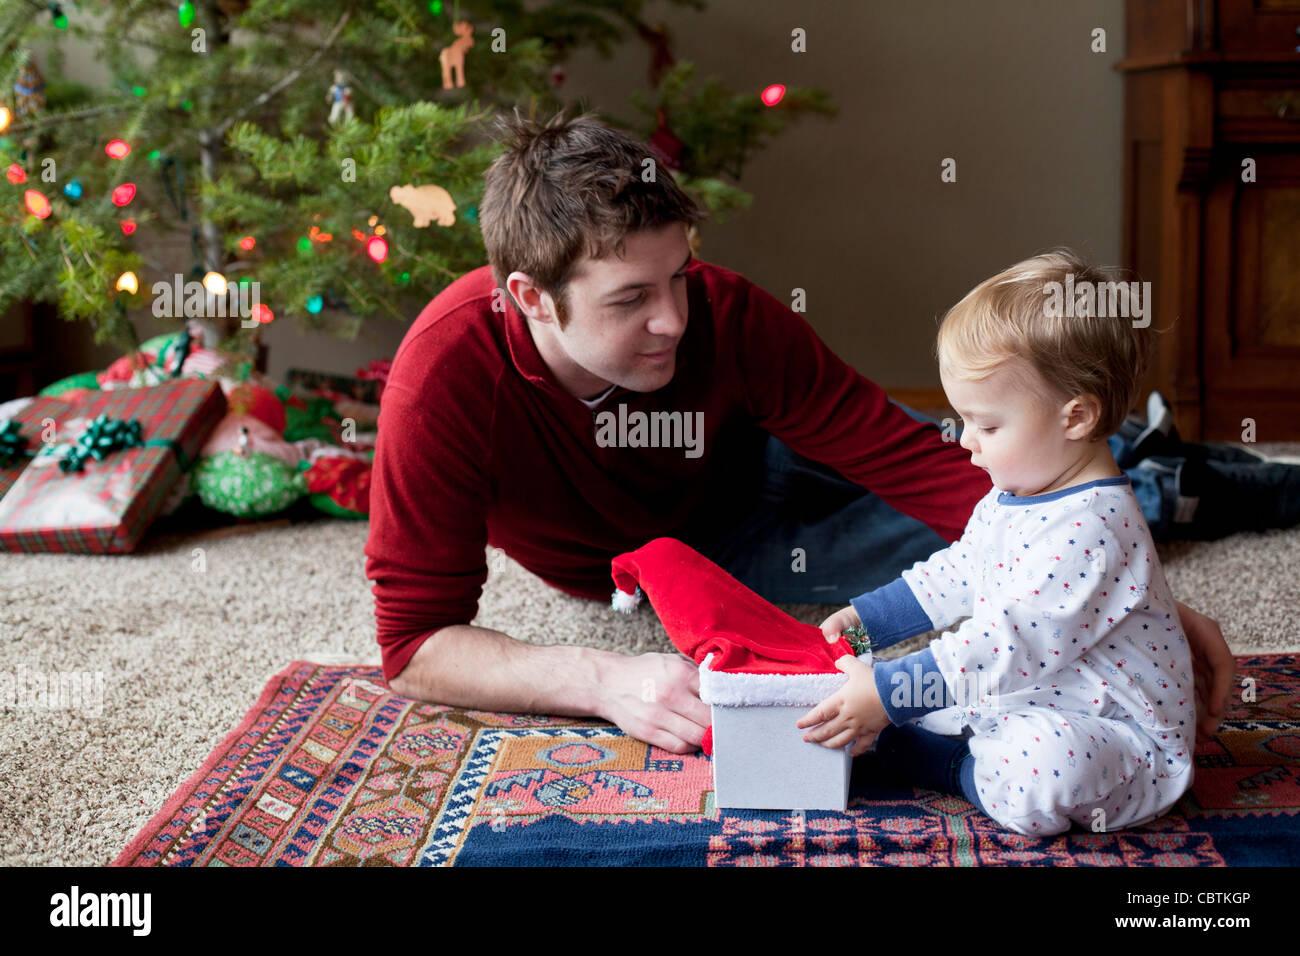 Vater beobachtete Toddler Sohn geöffnet Weihnachtsgeschenk zu Weihnachten. Stockbild